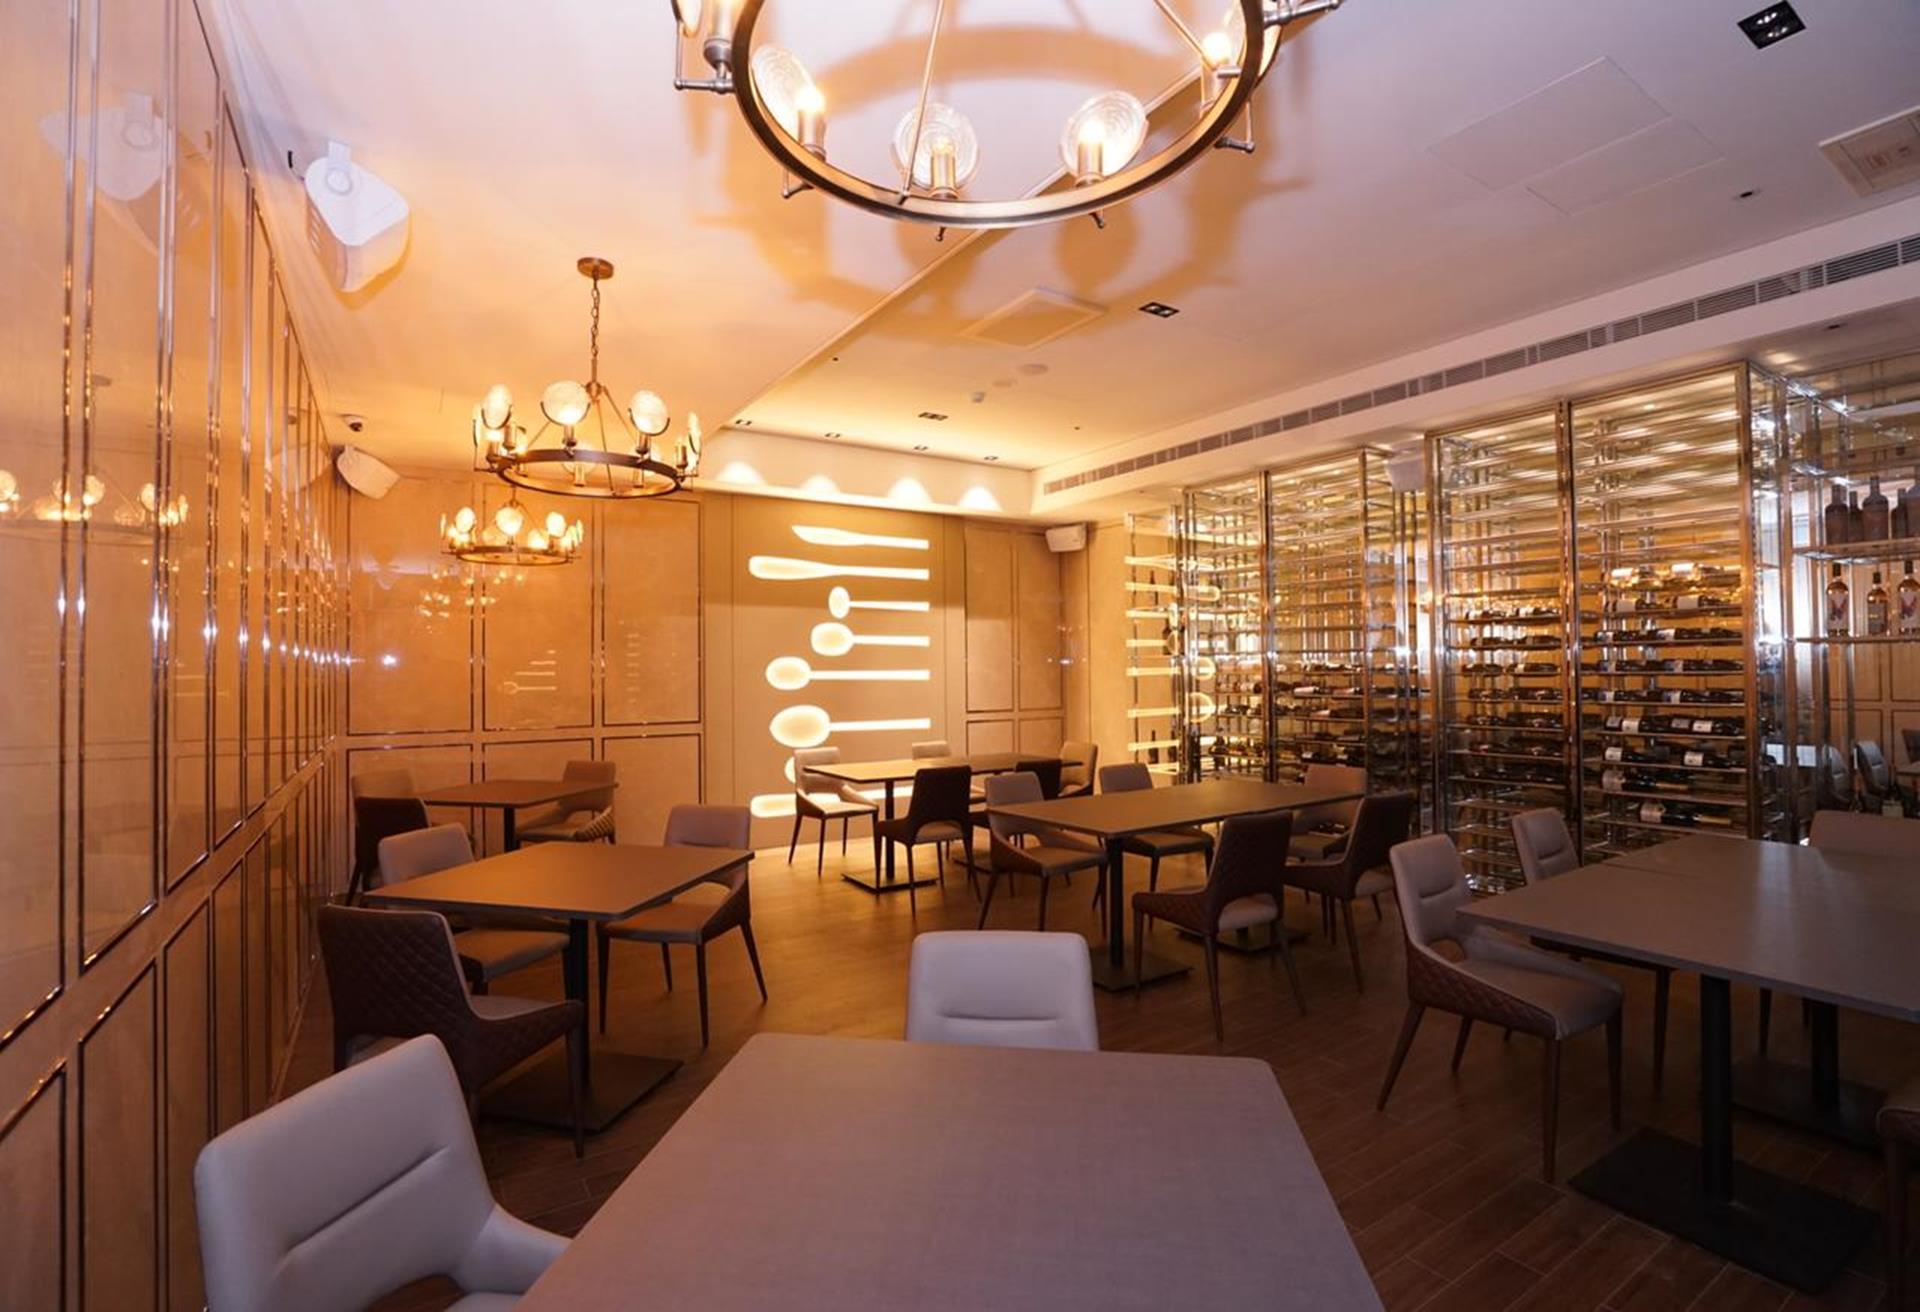 慕舍酒店,台北新飯店2021,台北米其林飯店